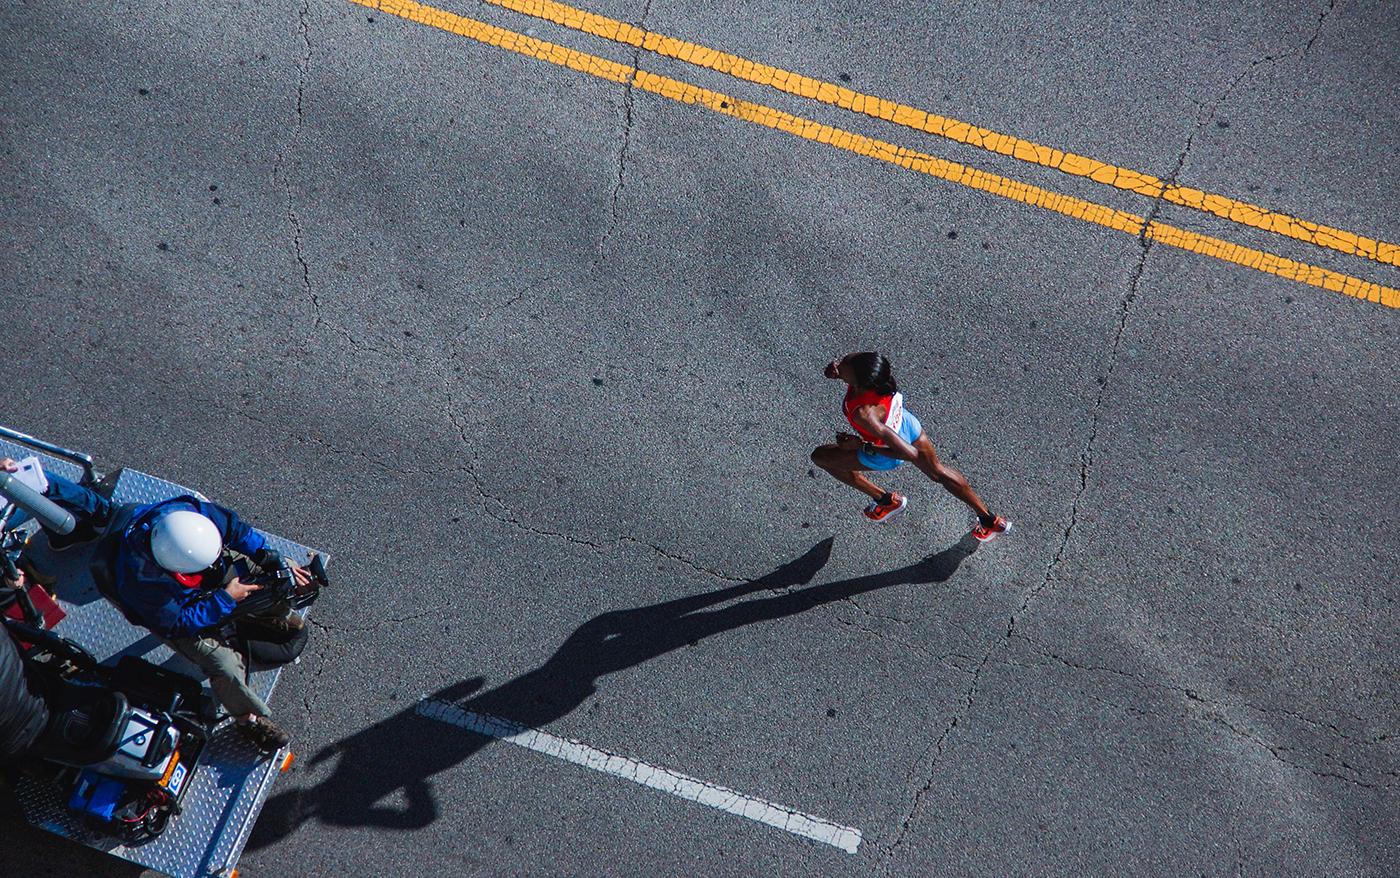 Об отличиях между мужчинами и женщинами в беге, а также почему выражение «женский бег» этоне сексизм